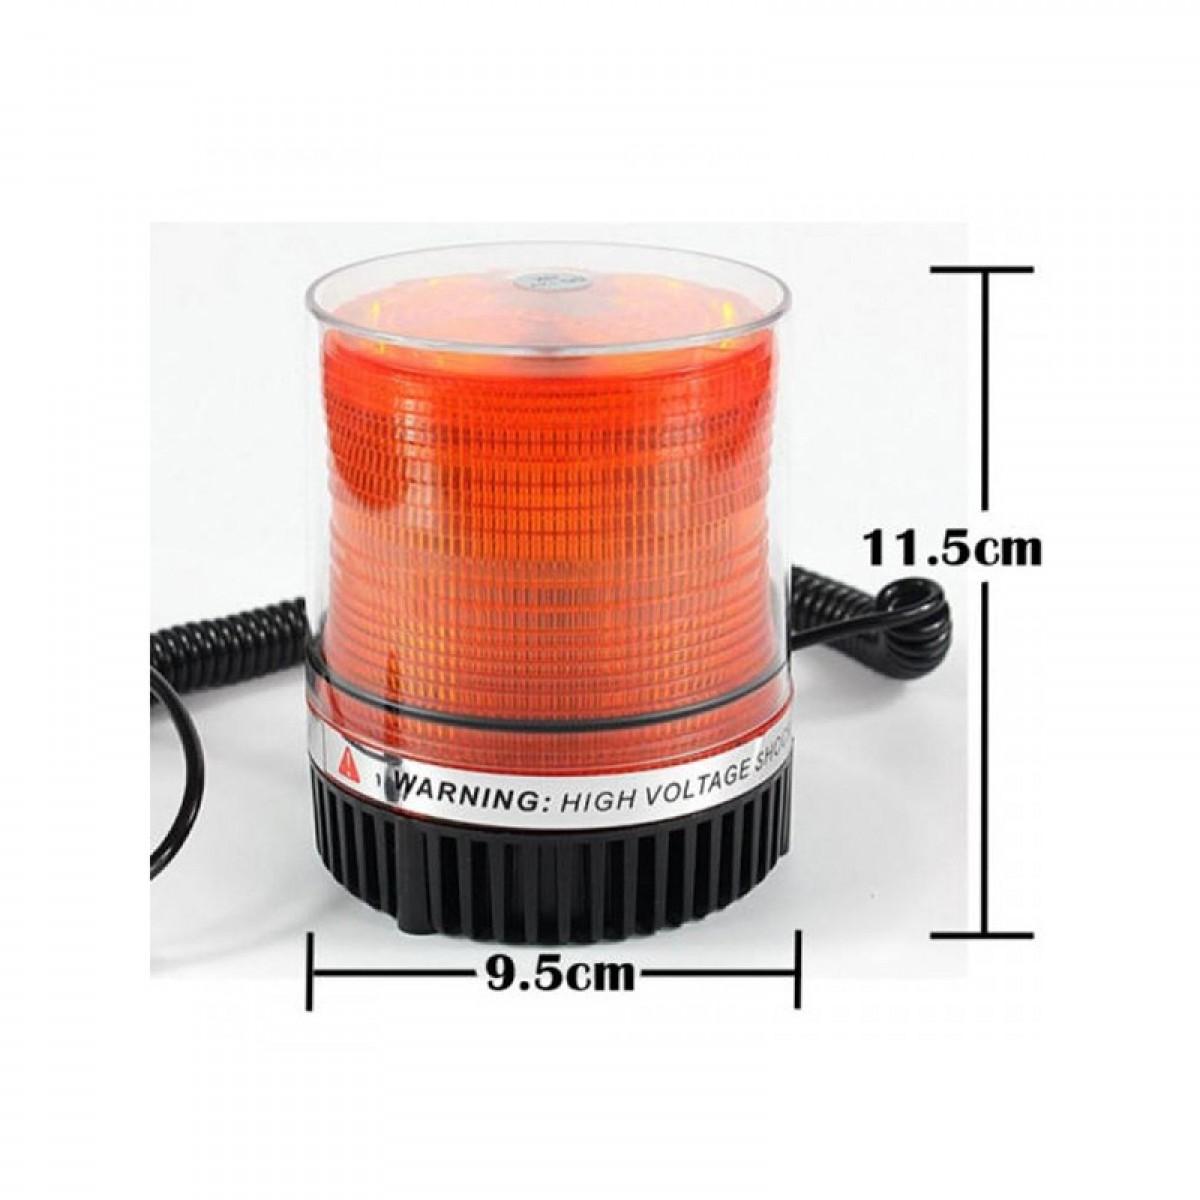 Φάρος LED 12V Με Μαγνητική Βάση 9 εκατοστών-Πορτοκαλί-ΟΕΜ